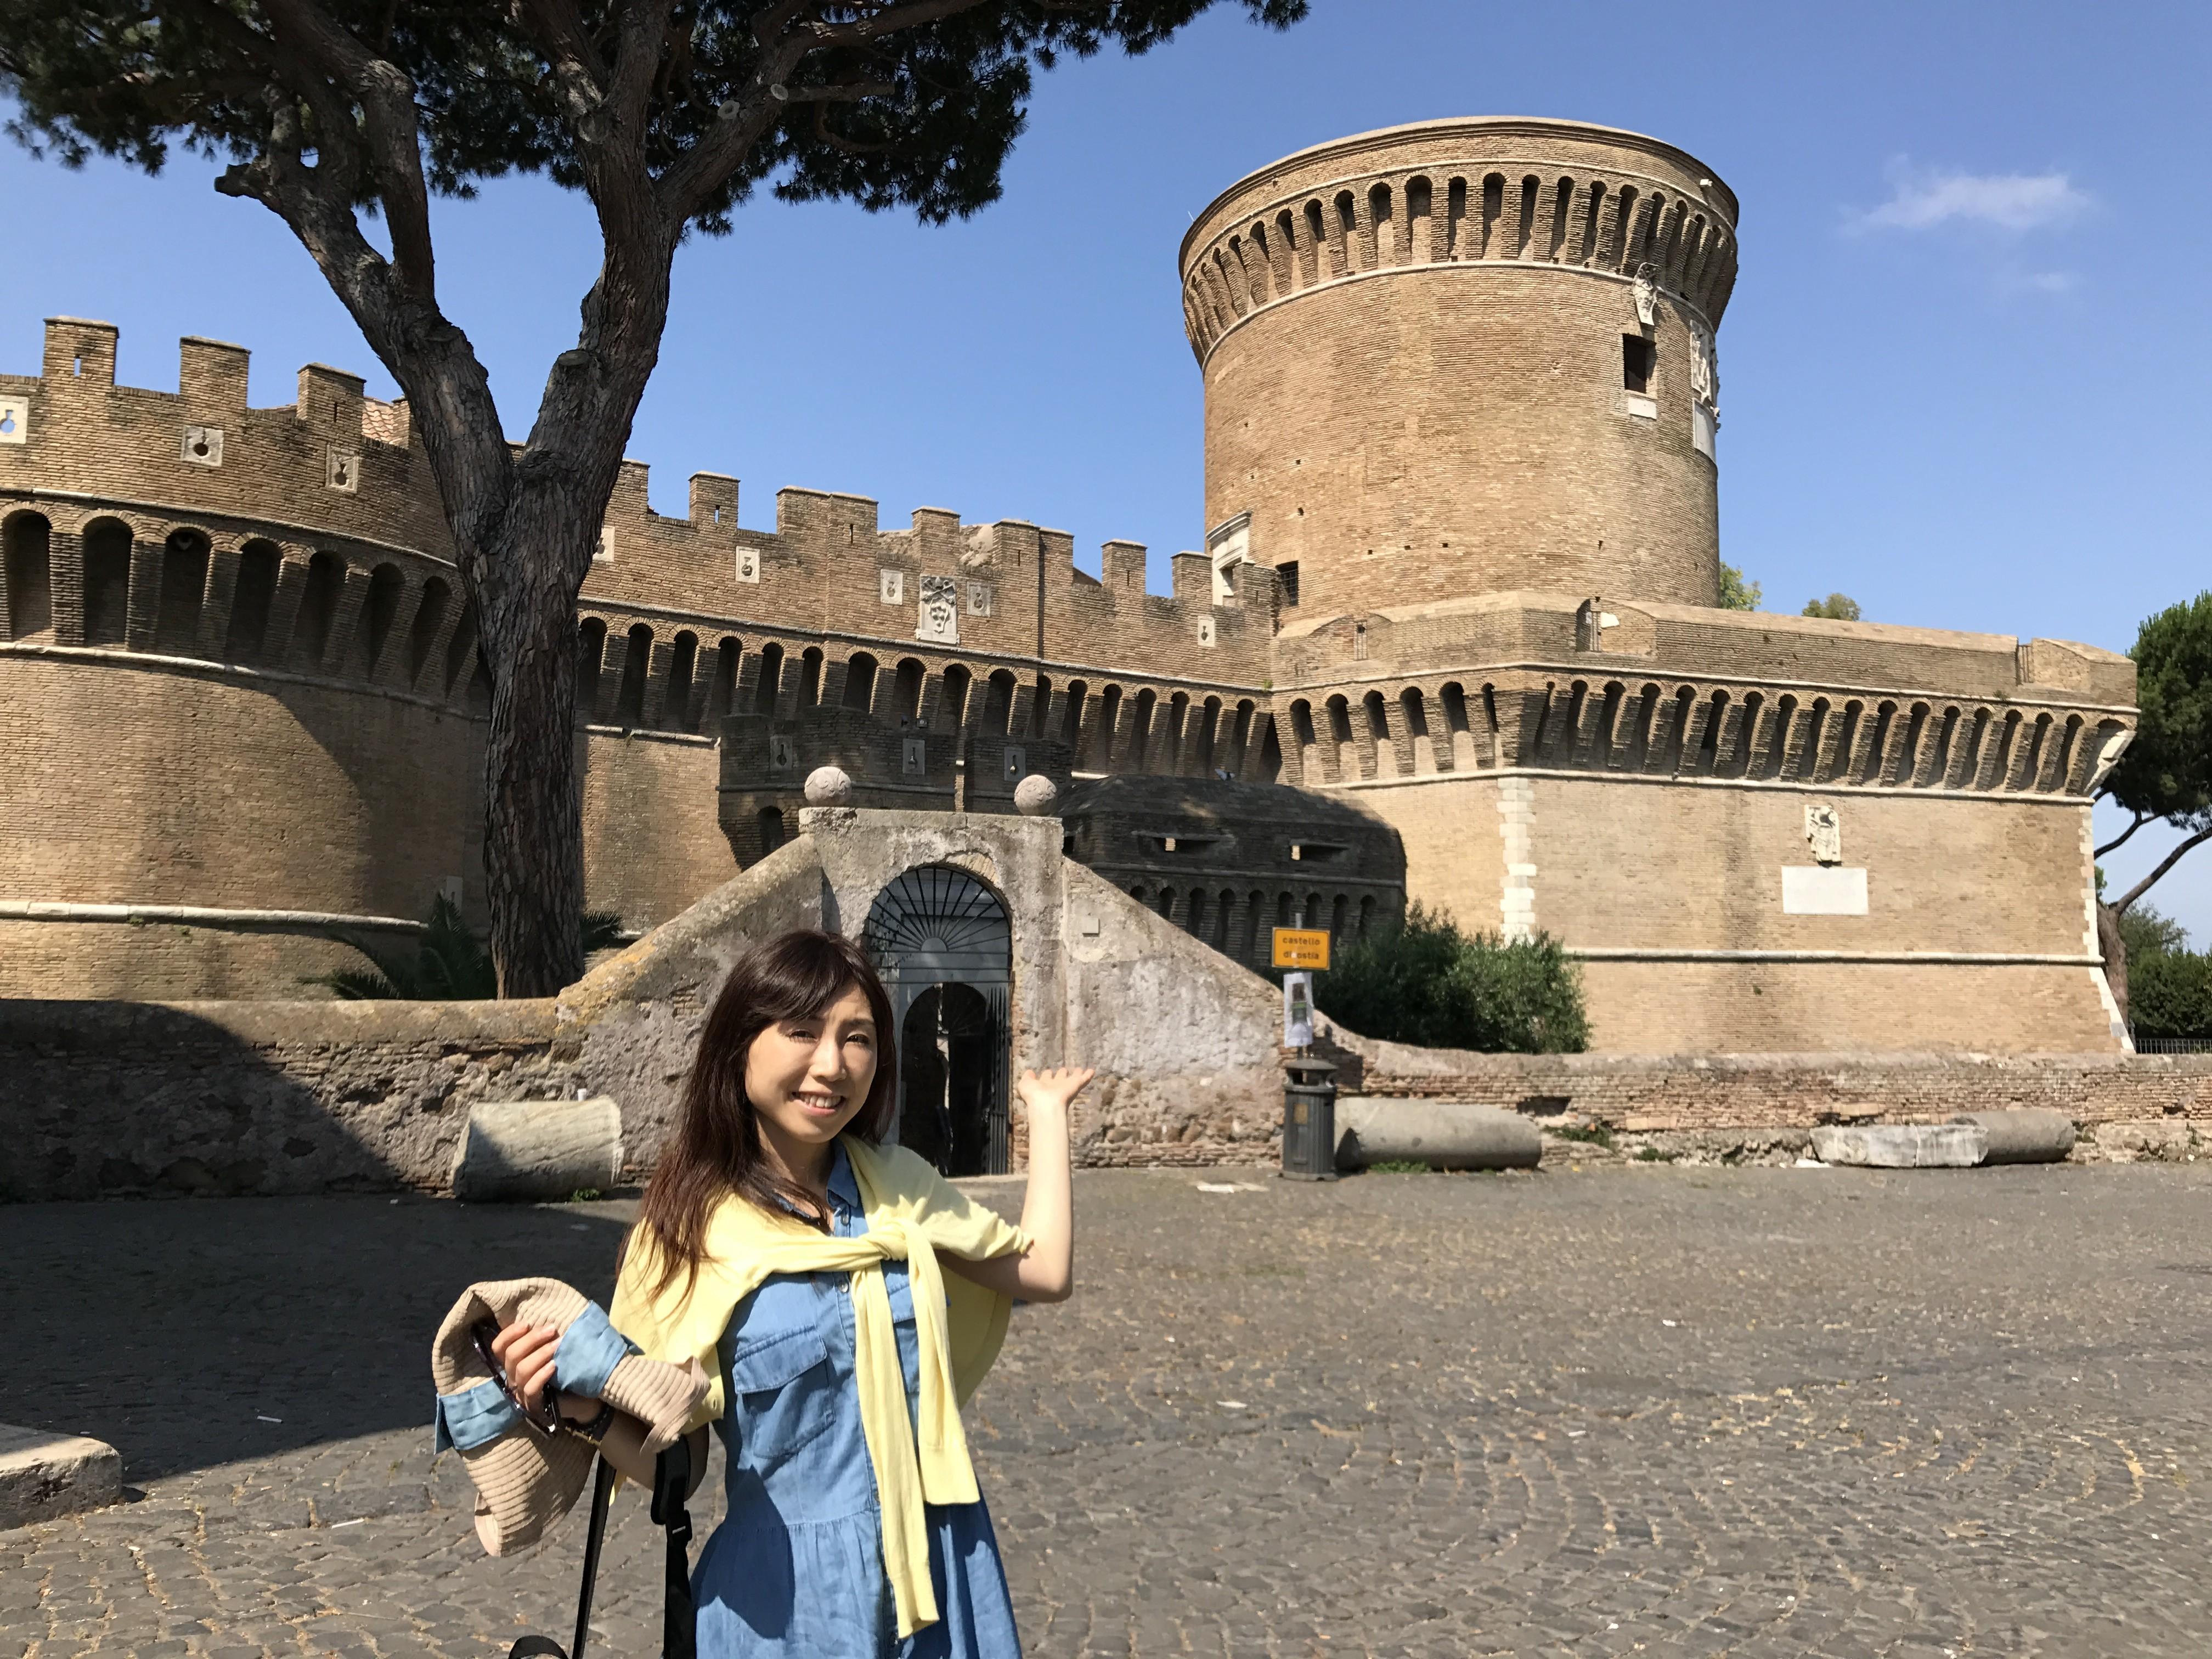 イタリア ジュリオ二世のお城 Castell di Giulio II